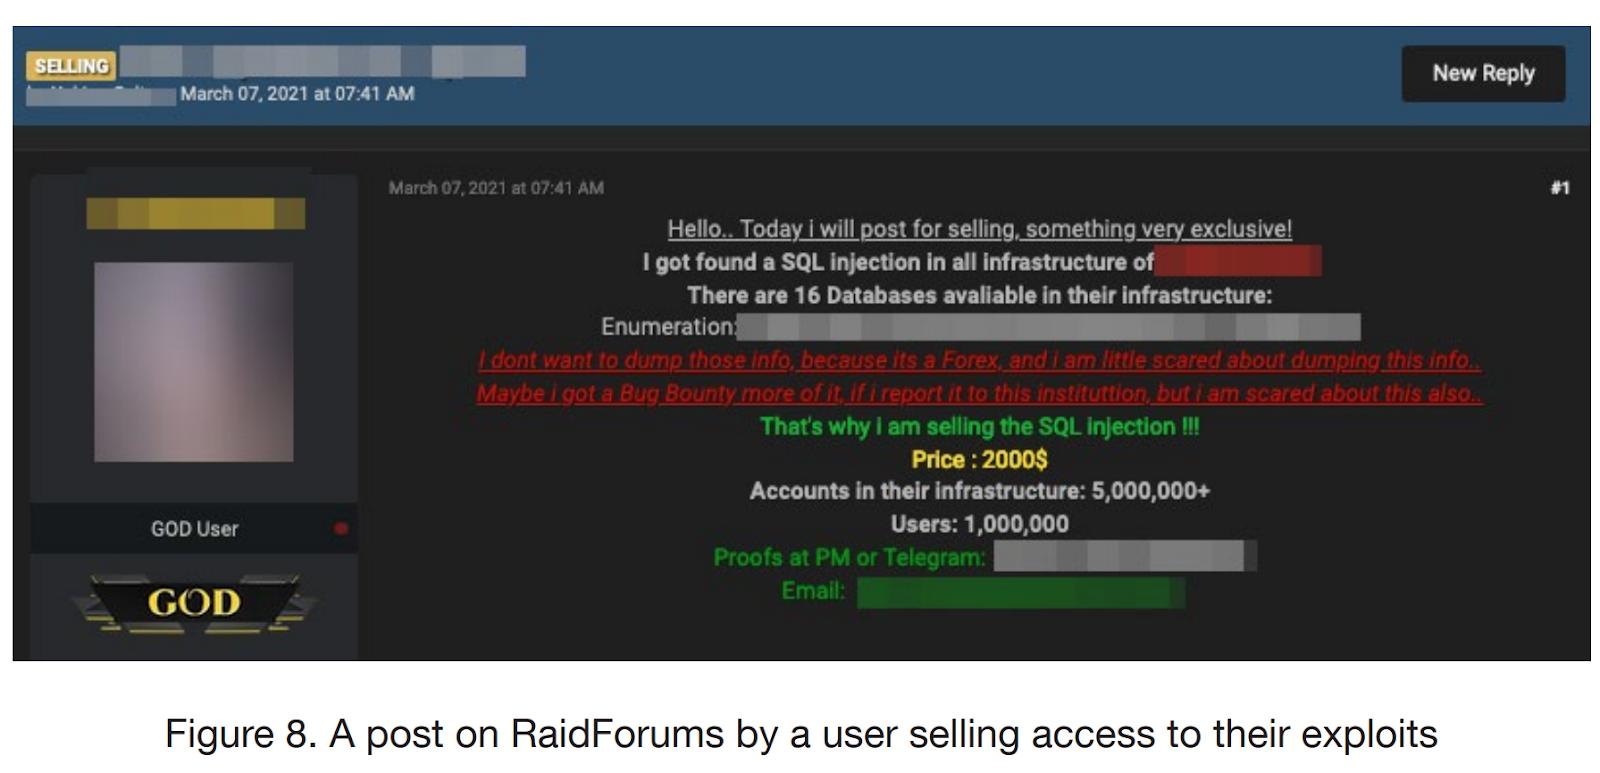 Объявление о продаже эксплойтов на RaidForums. Источник: Trend Micro